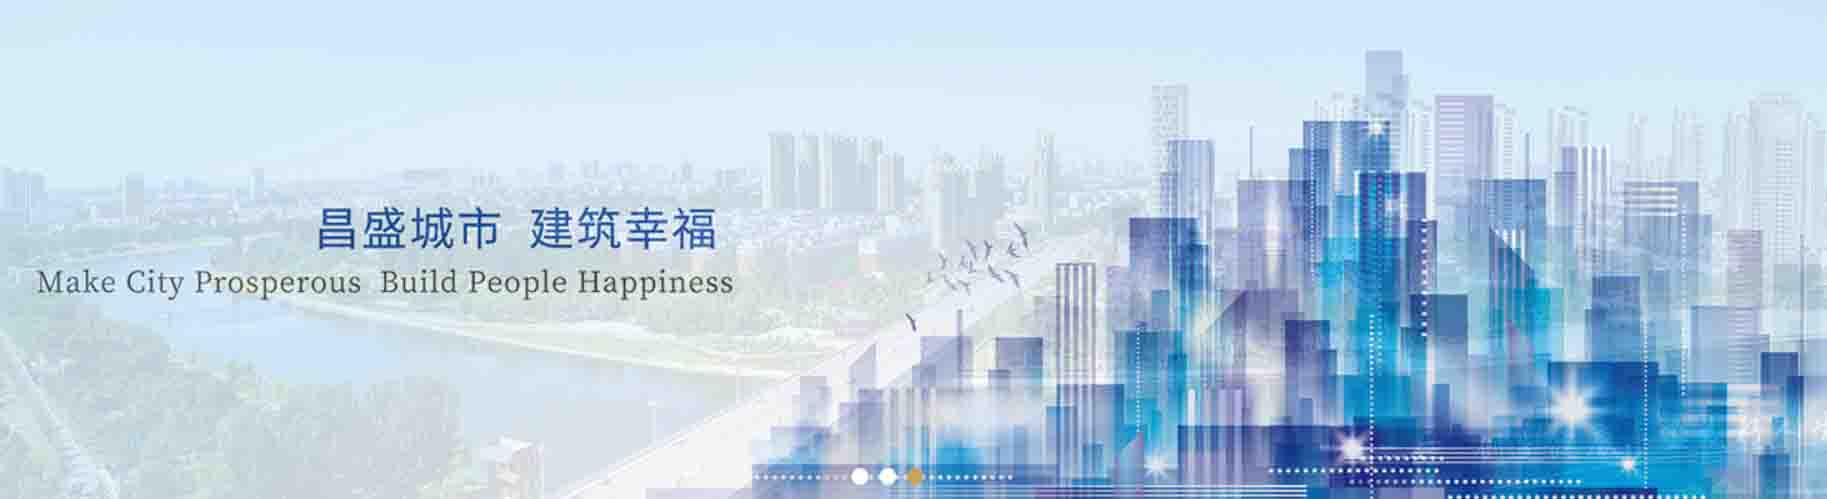 昌建集团——选择郑州高端办公家具